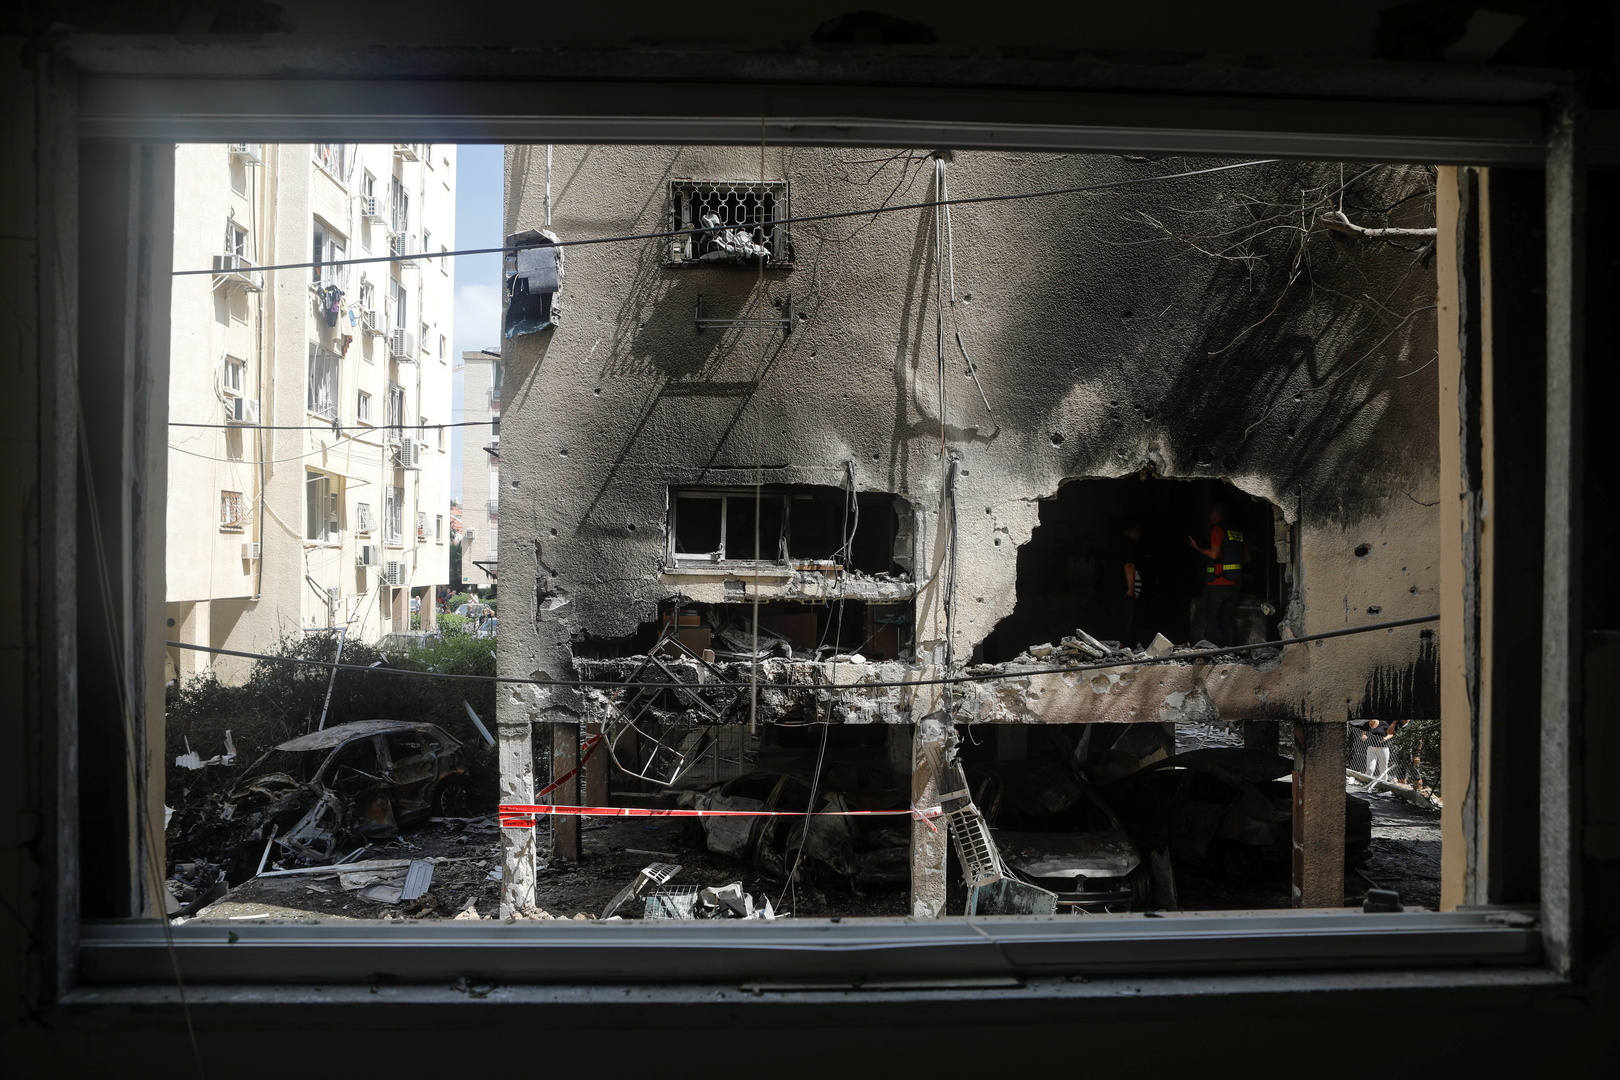 عسقلان تحت النار ... جرحى إسرائيليون في قصف فلسطيني متواصل وغير مسبوق للمدينة